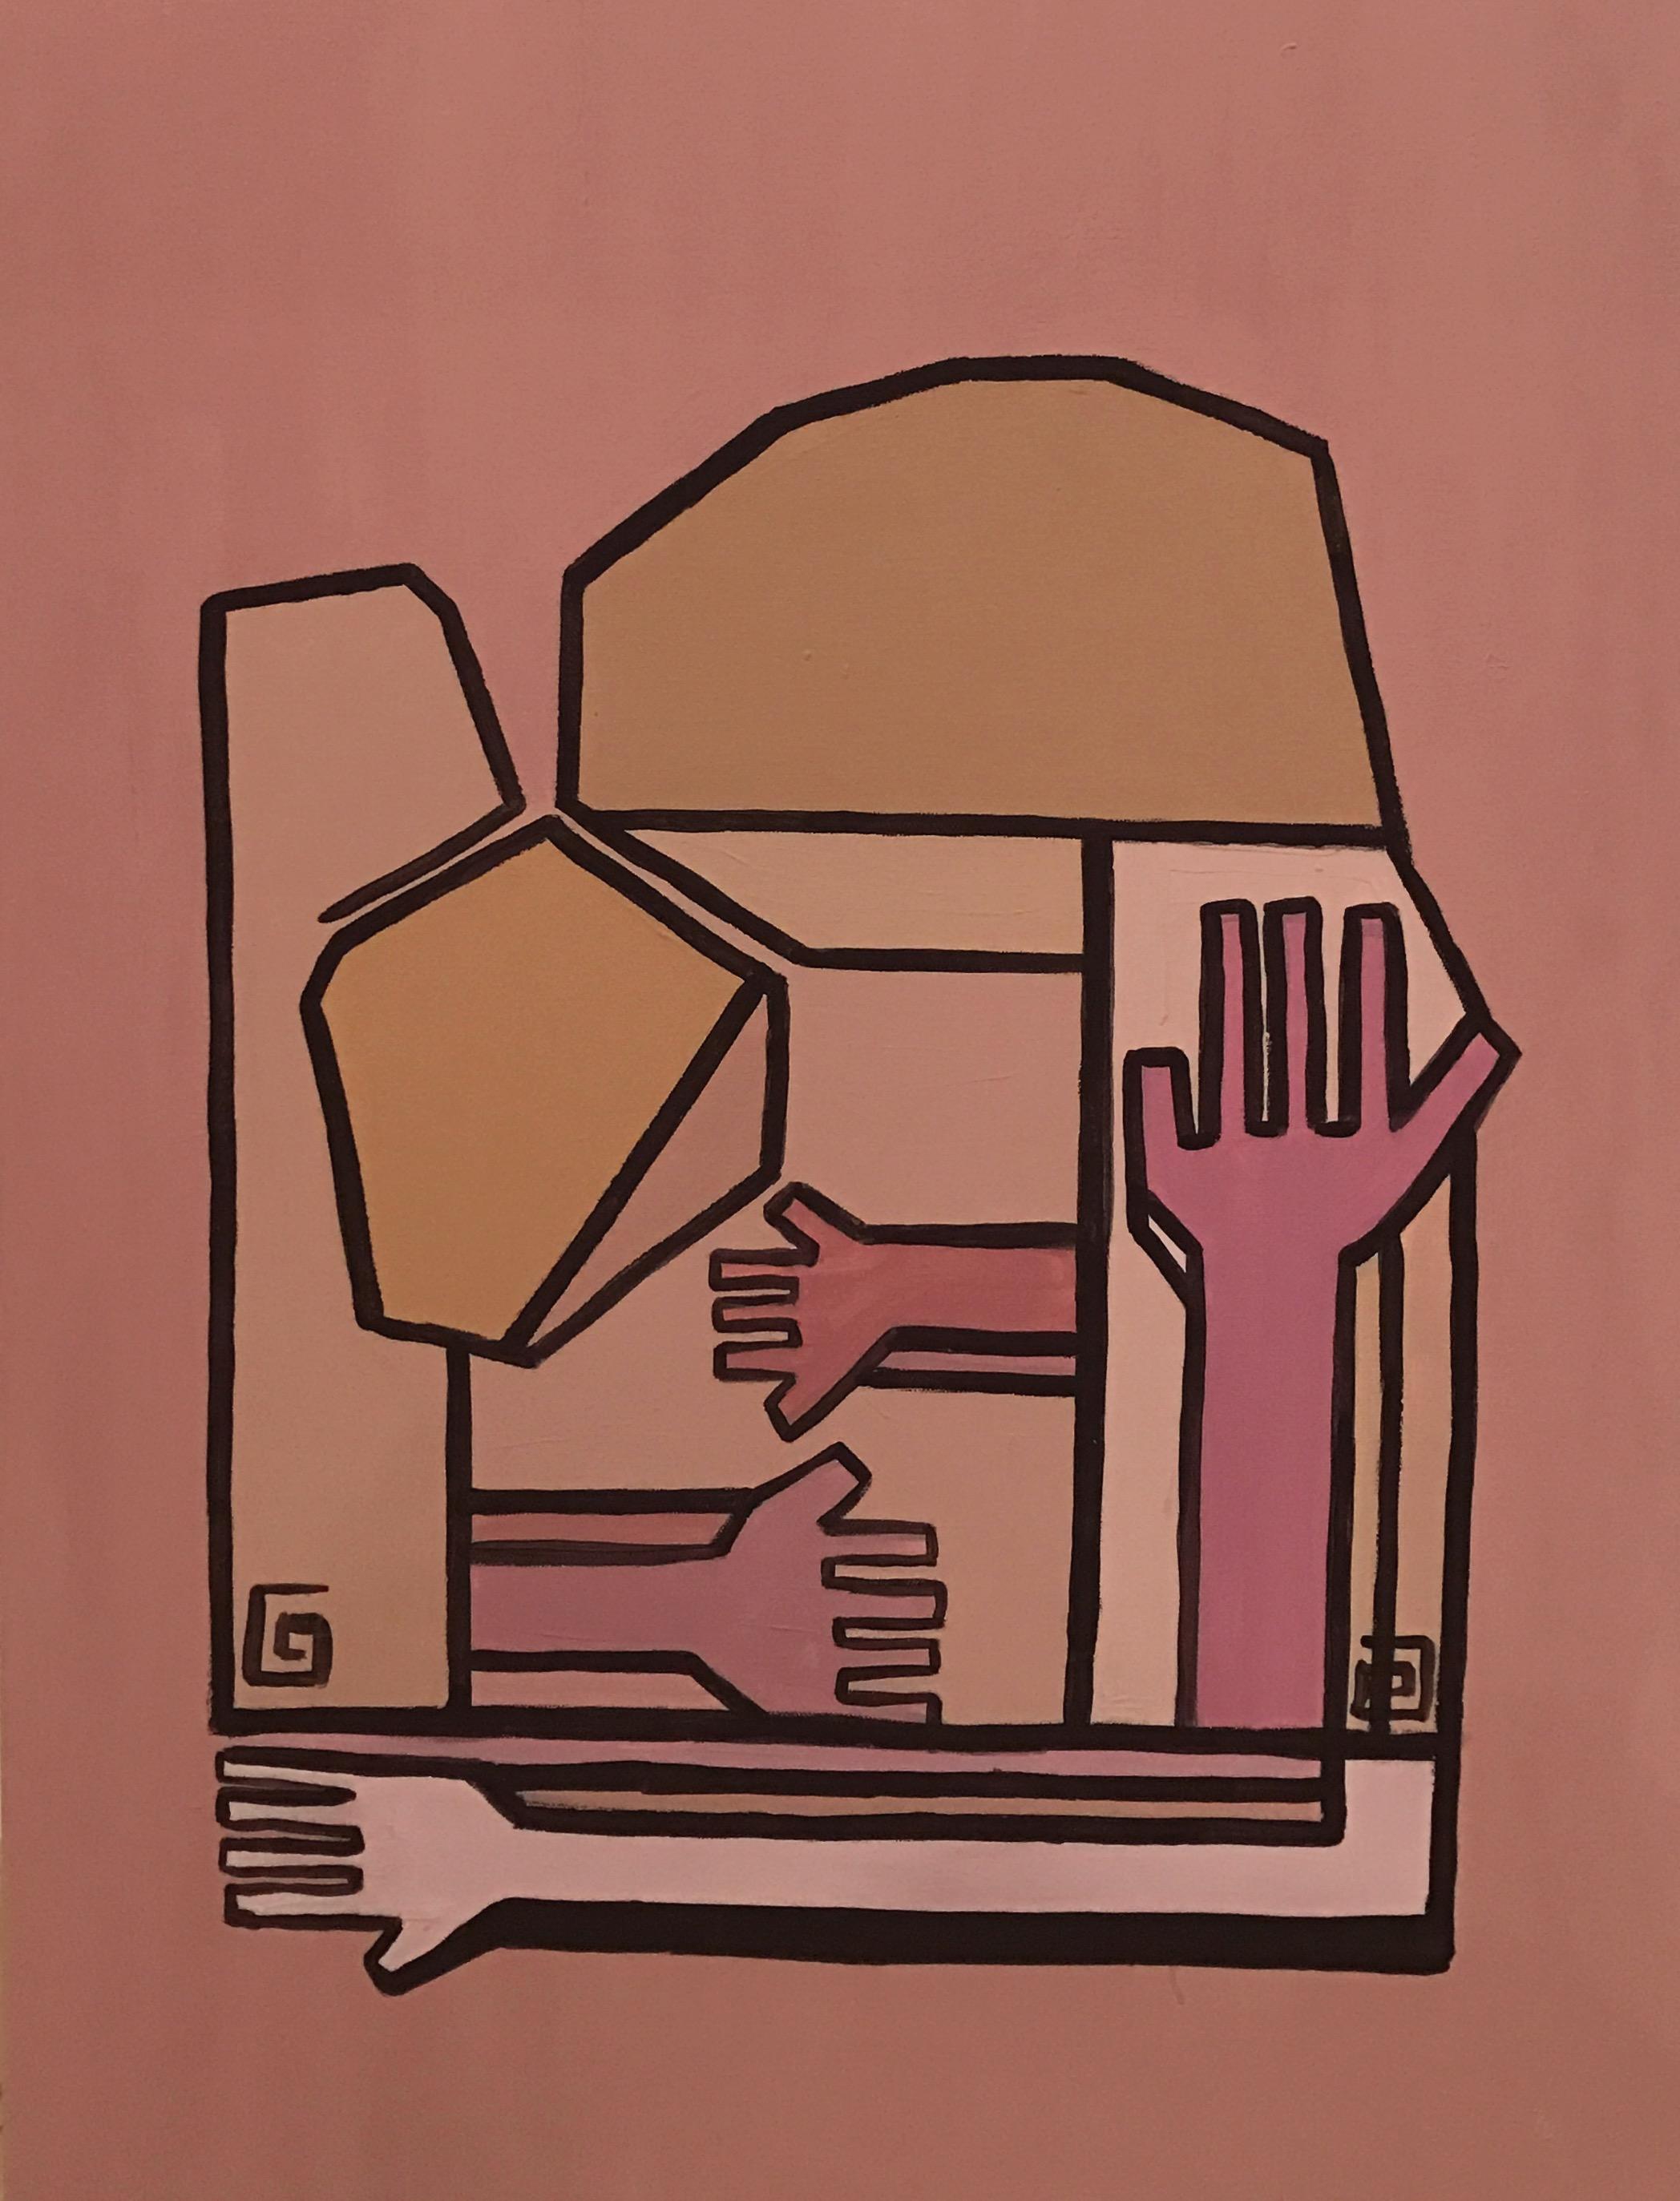 Motherhood VI   Acrylic on canvas  80 cm x 60 cm x 3.8 cm